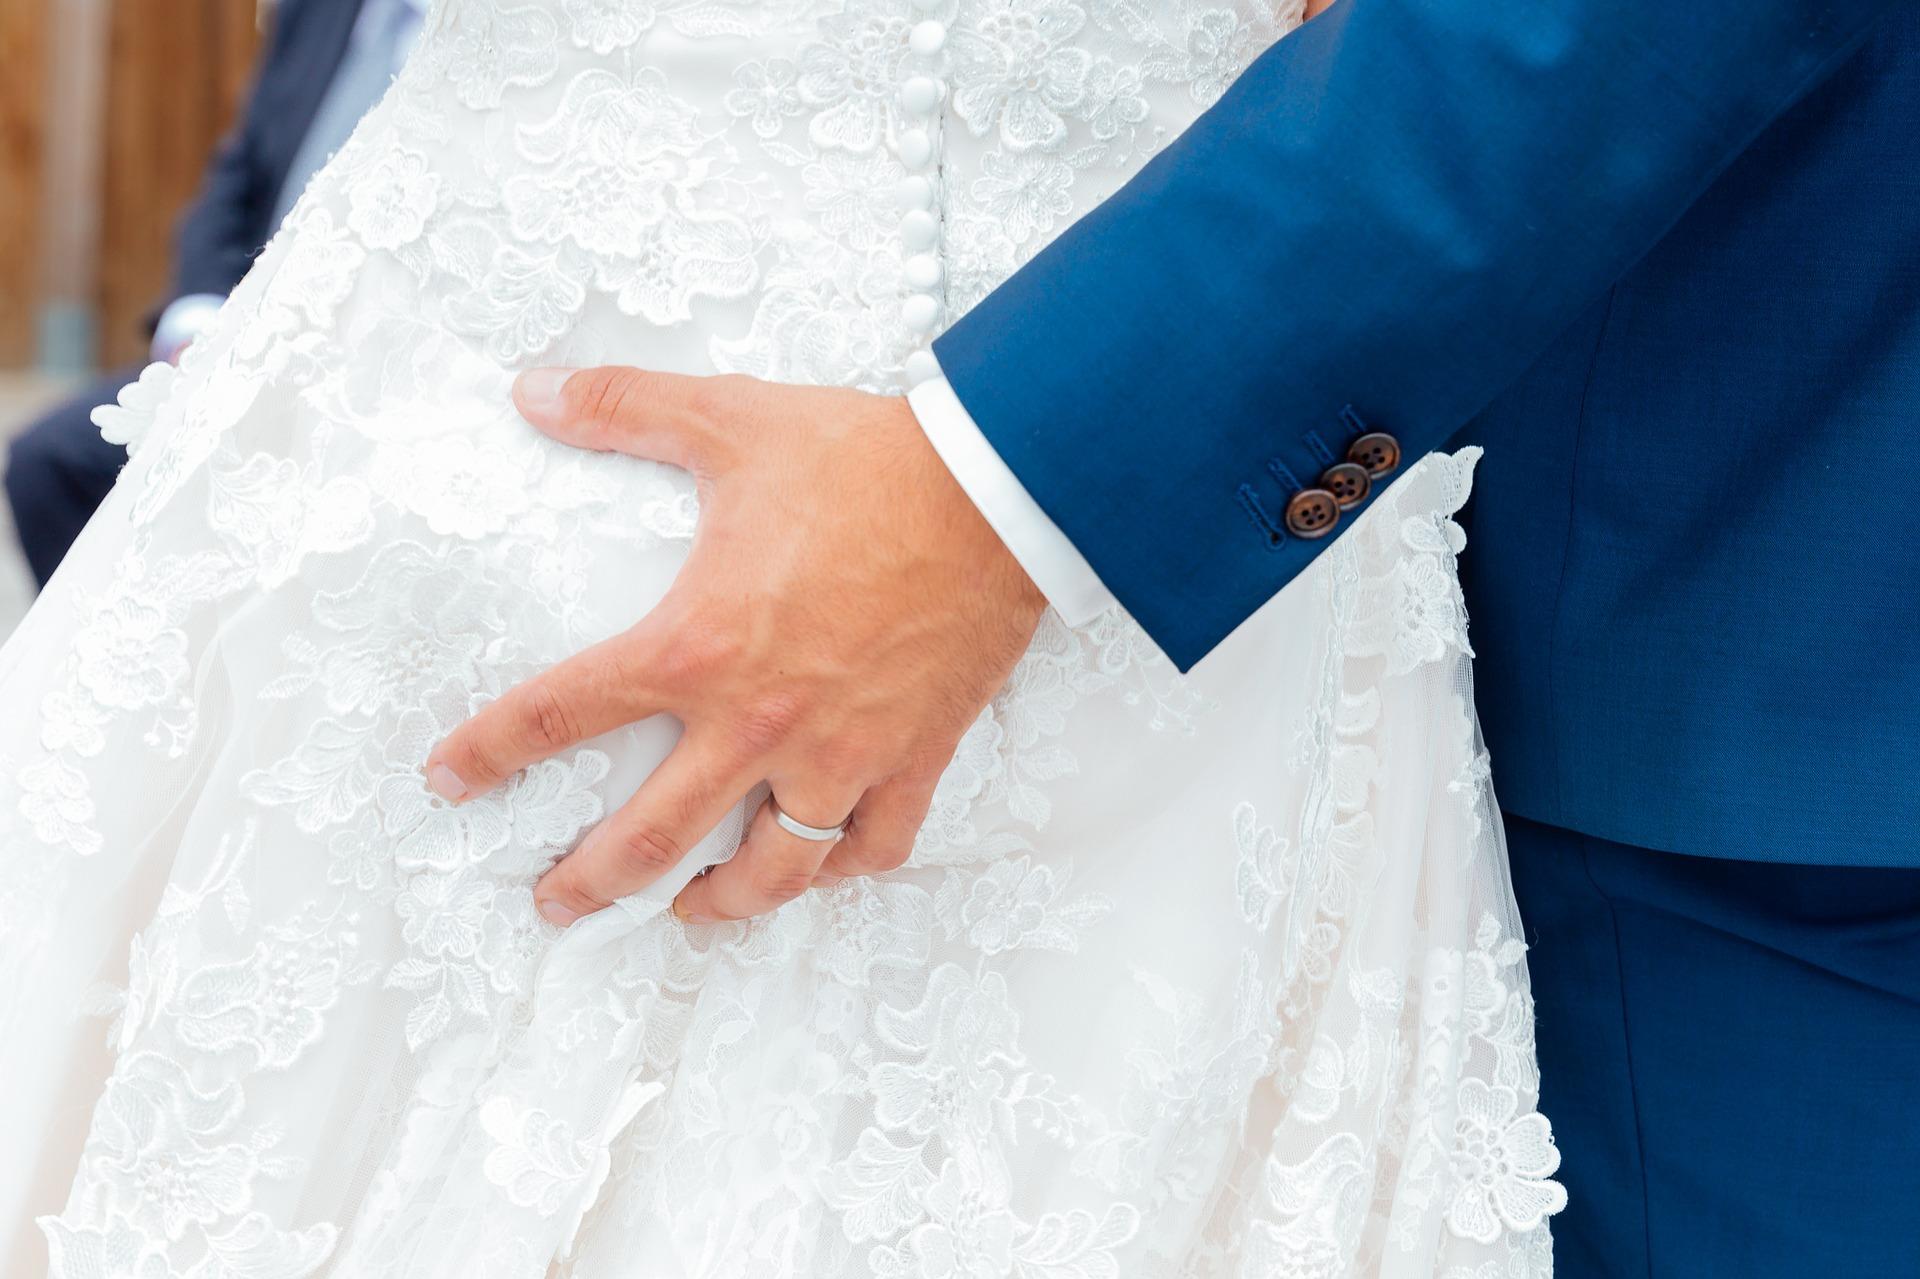 Couples Inpatient Drug Rehab For Arlington Texas Addiction Treatment Couple Rehabs